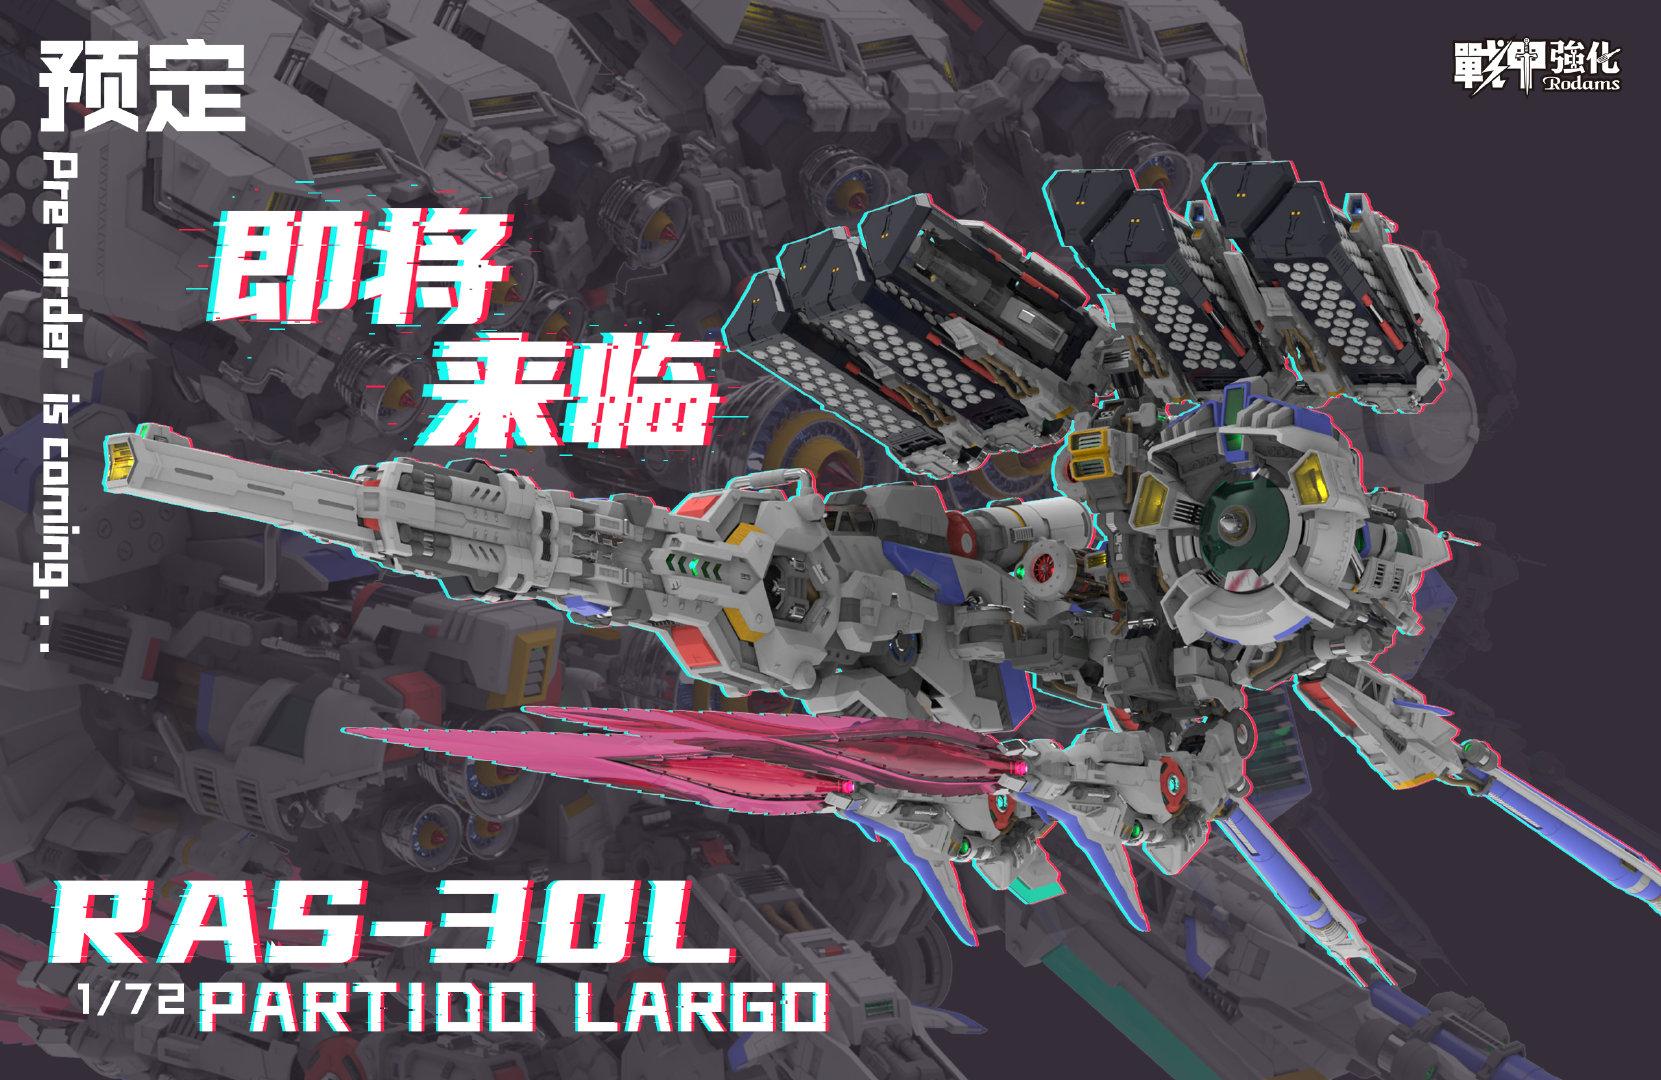 S542_Rodams_PARTIDO_LARGO_info_1226_001.jpg